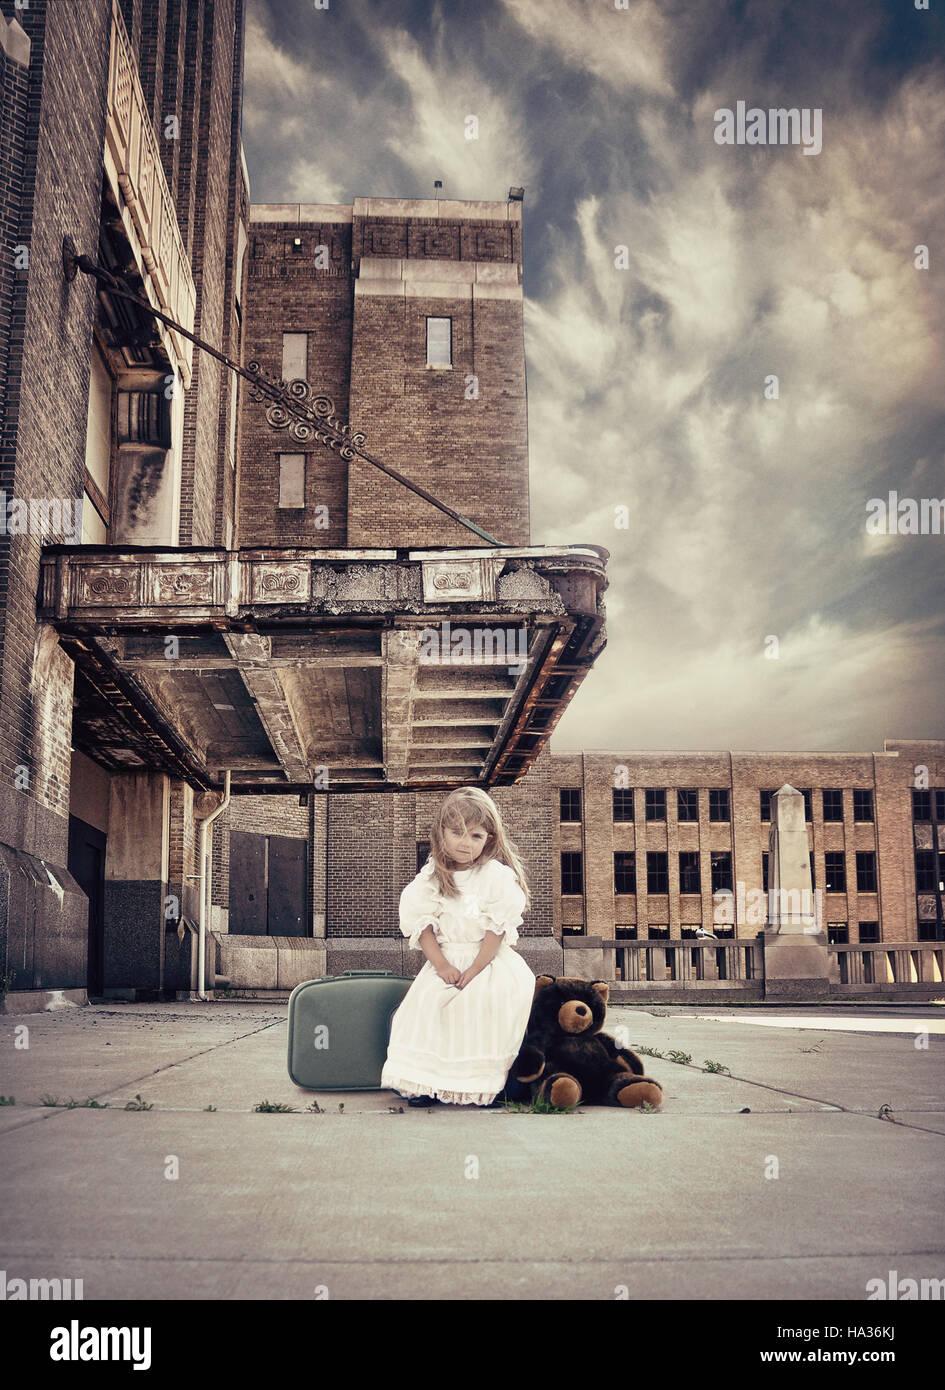 Un petit enfant est assis sur une valise de voyage par un vieux bâtiment avec des ours en peluche à côté d'elle pour une force de protection ou de métaphore. Banque D'Images